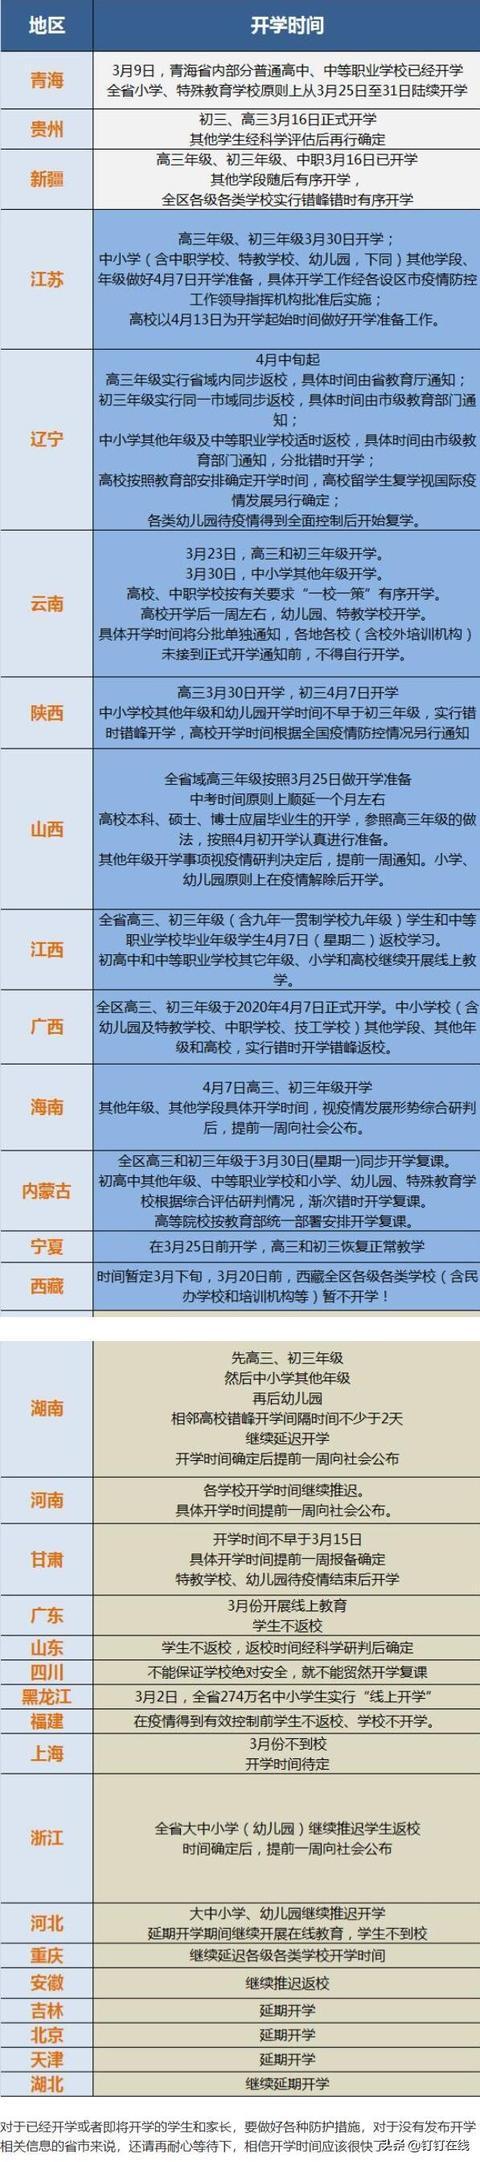 山西中考顺延一个月!31个省份开学时间表一览 福建广西四川开学时间最新